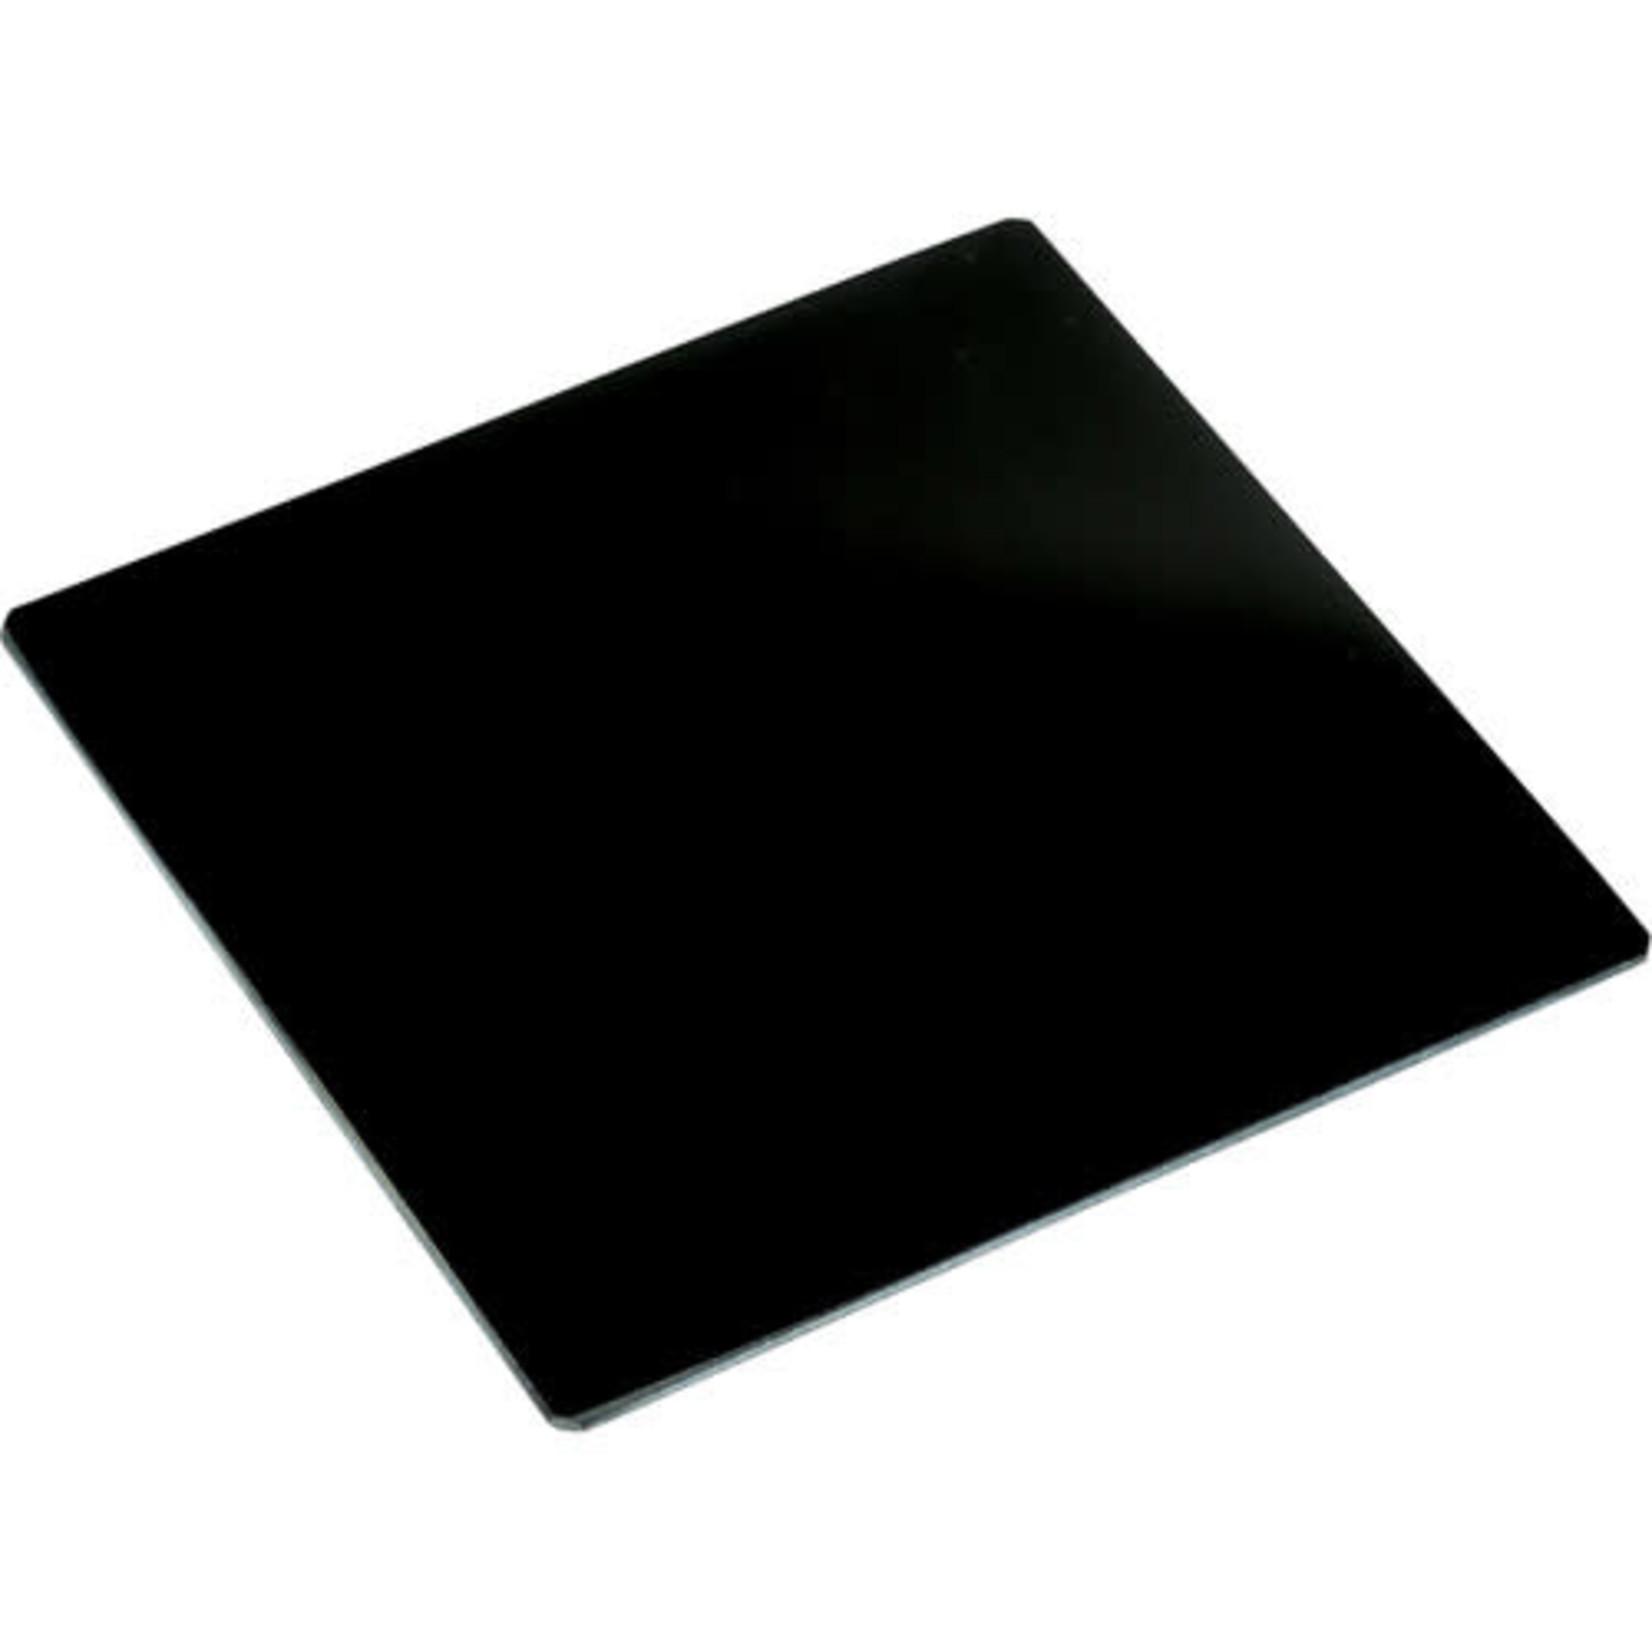 Lee LEE Filters 100 x 100mm Super Stopper Neutral Density 4.5 Filter (15 Stop)